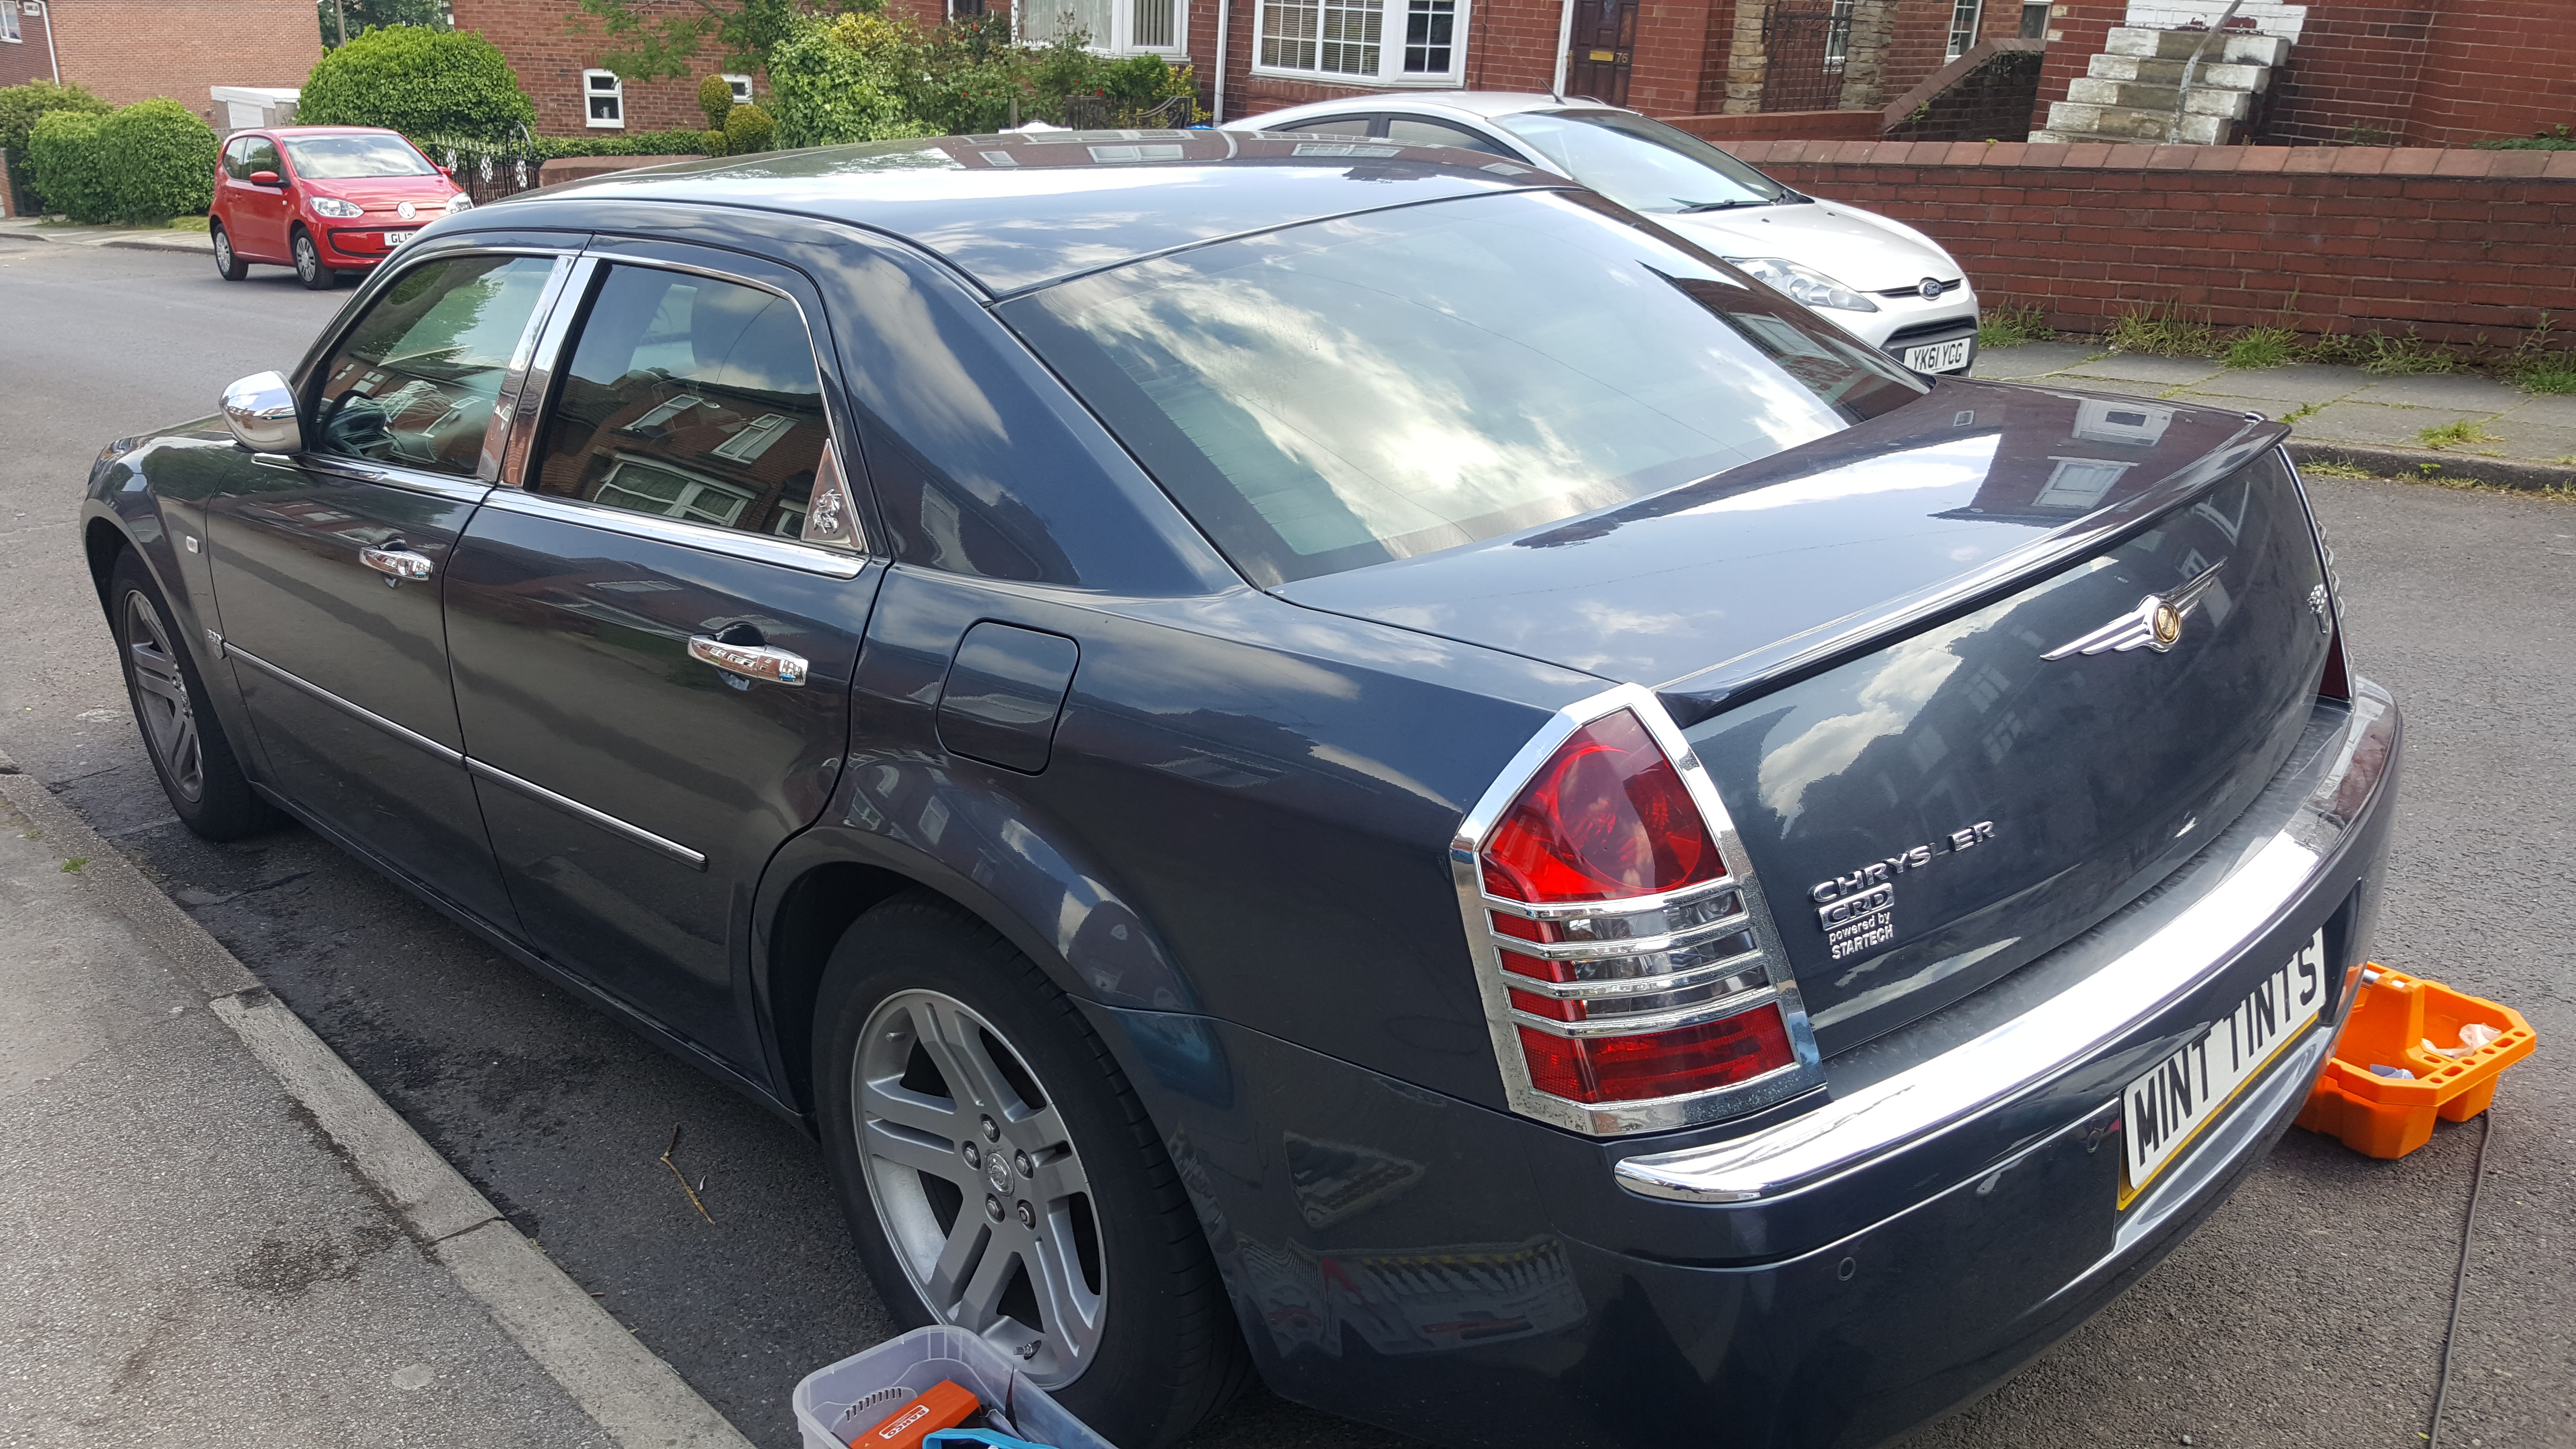 Chrysler 300 - 45% Light Tint